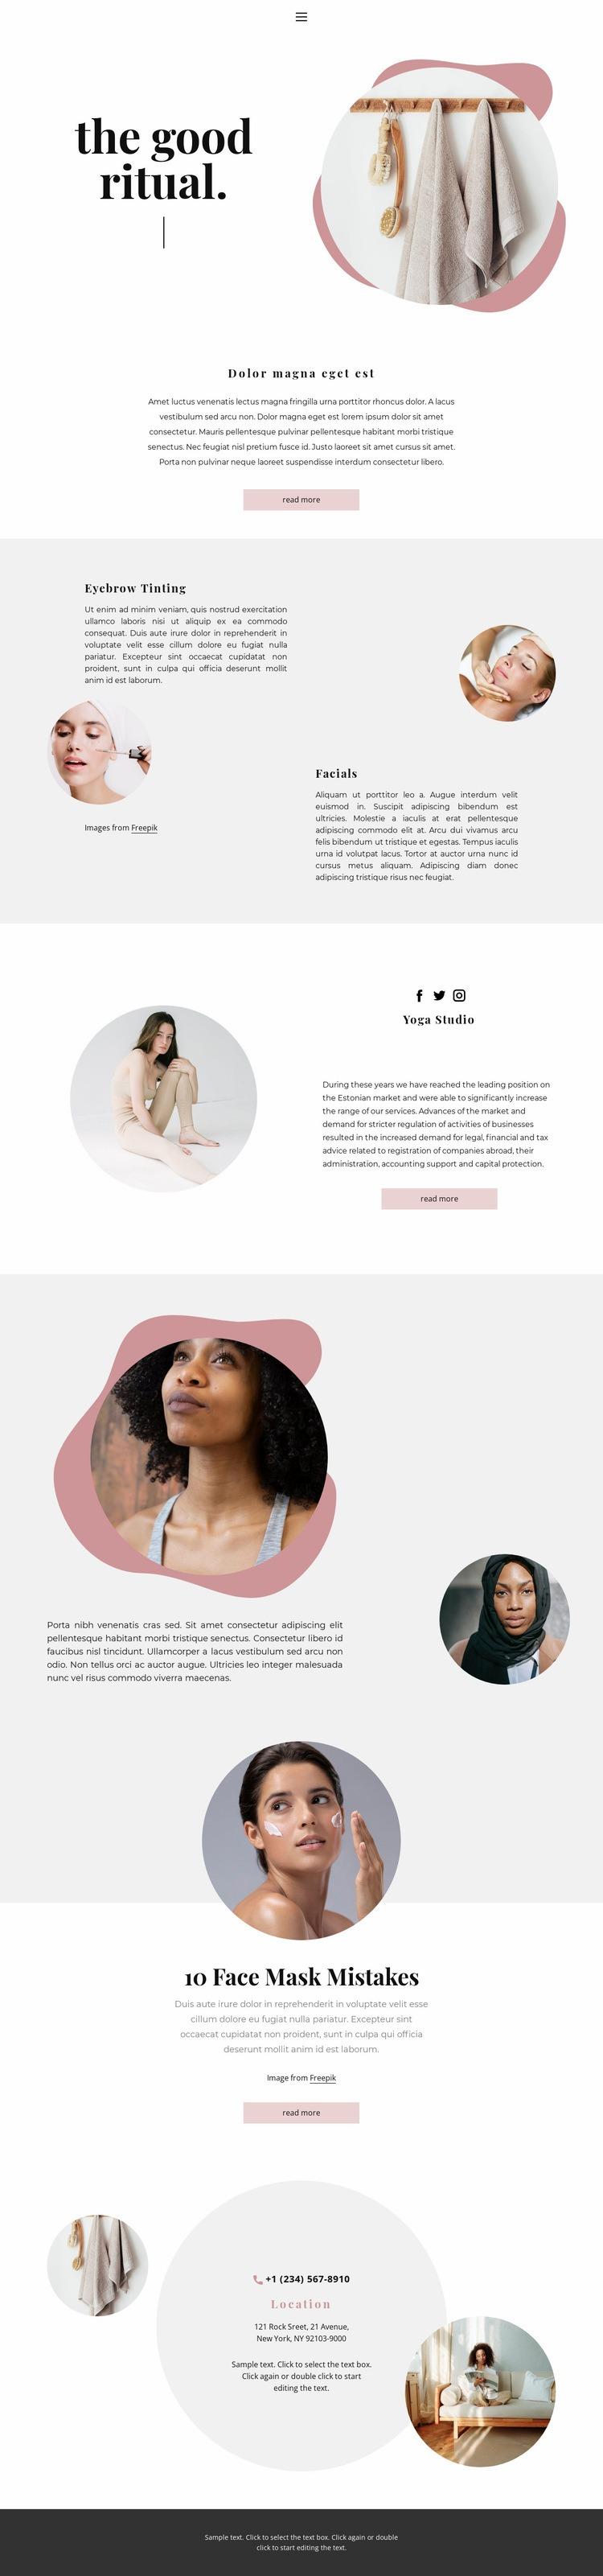 Spa rituals at home Web Page Design